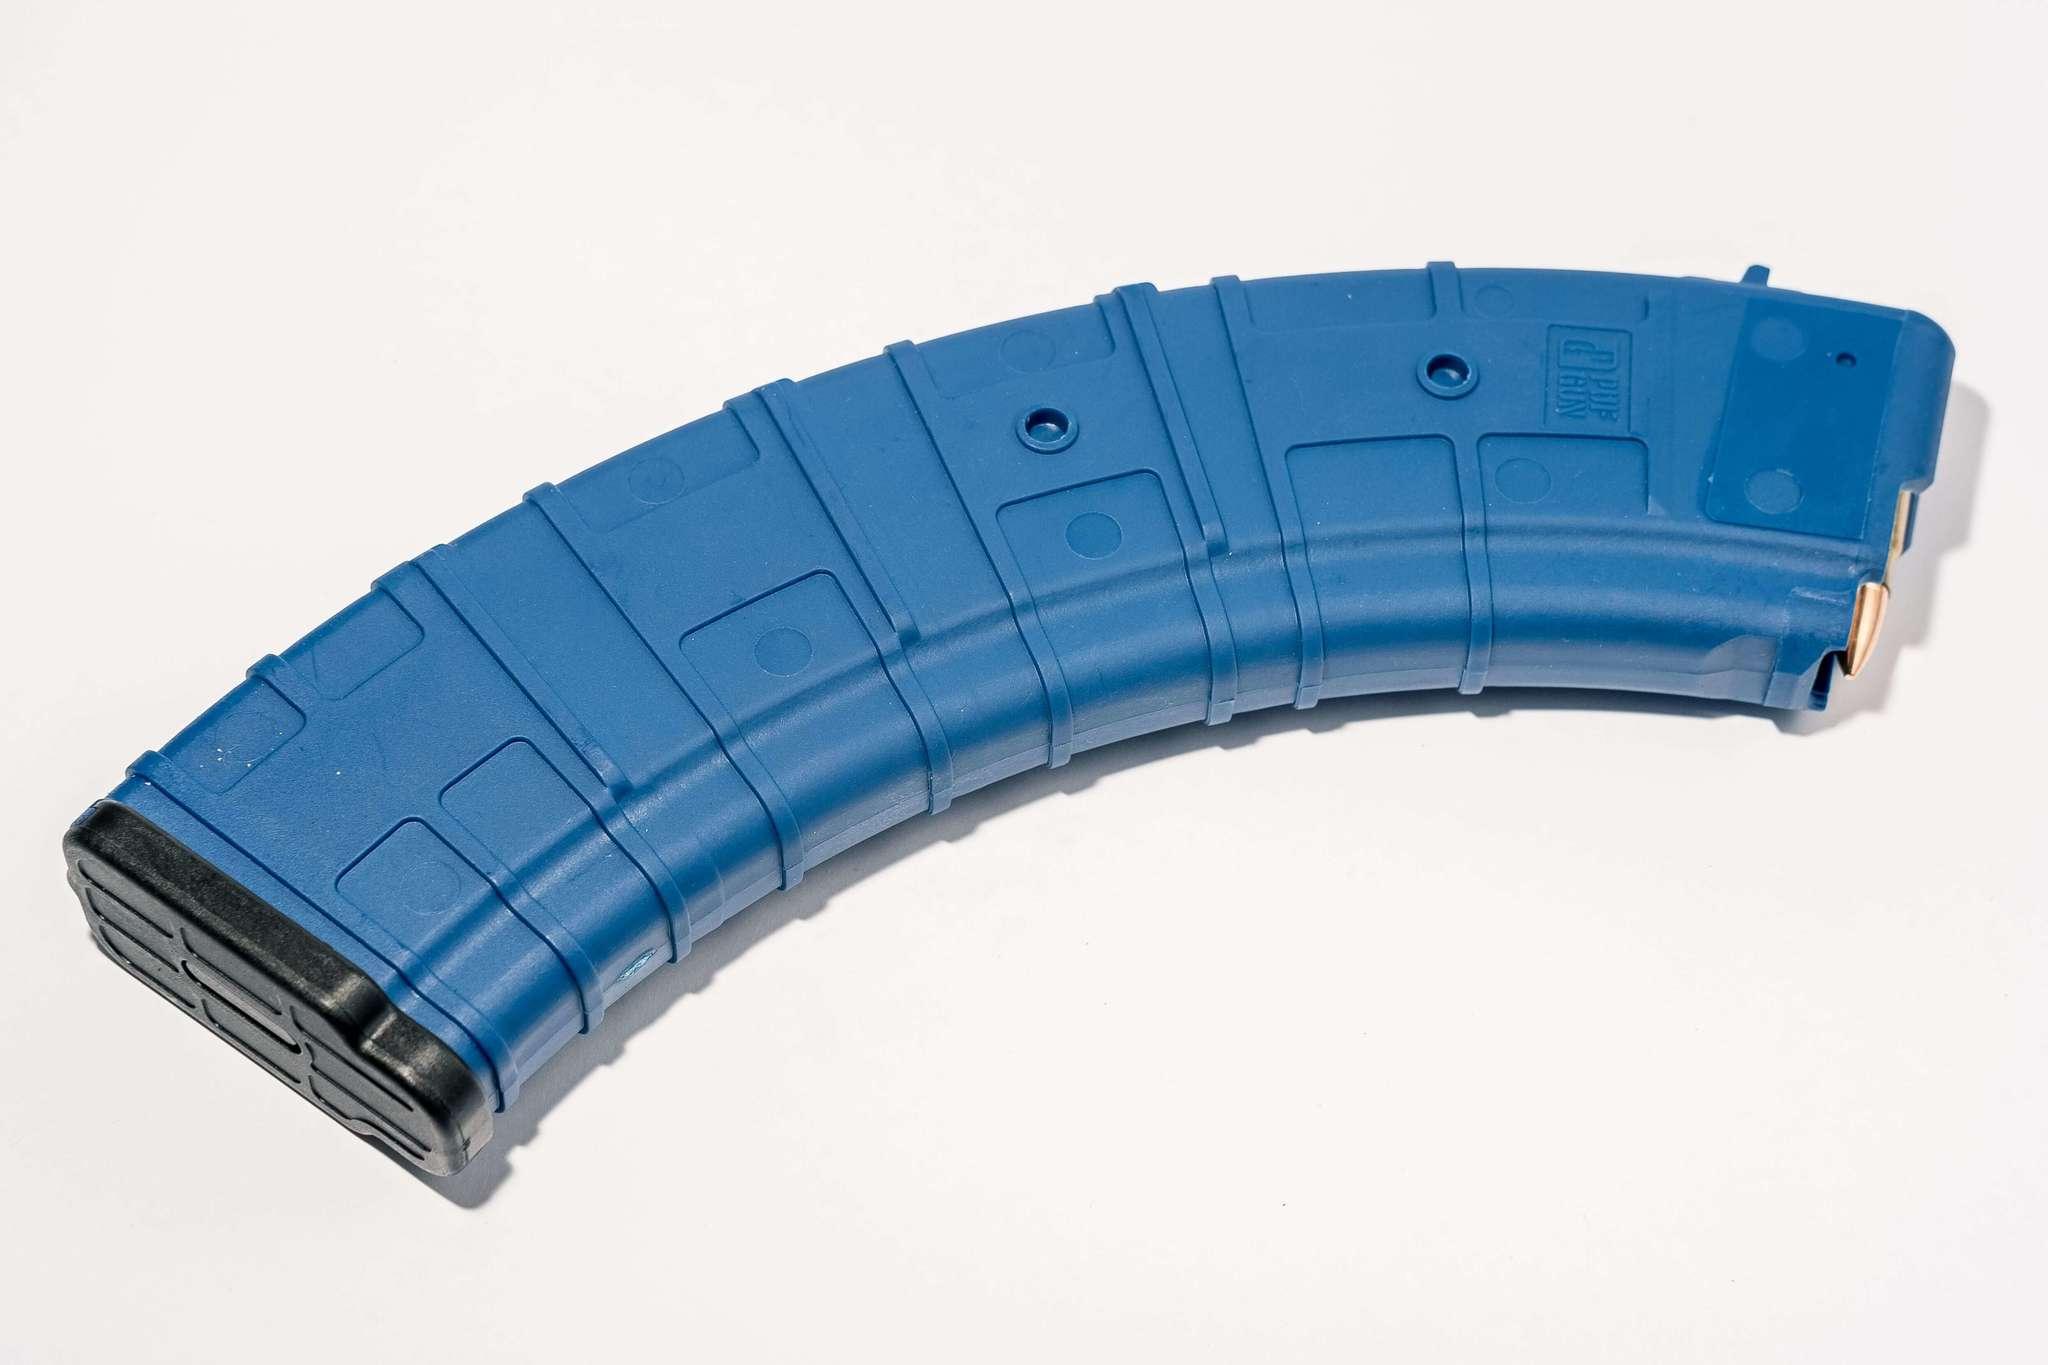 Магазин Pufgun для АКМ 7.62x39 ВПО-136 на 40 патронов, синий